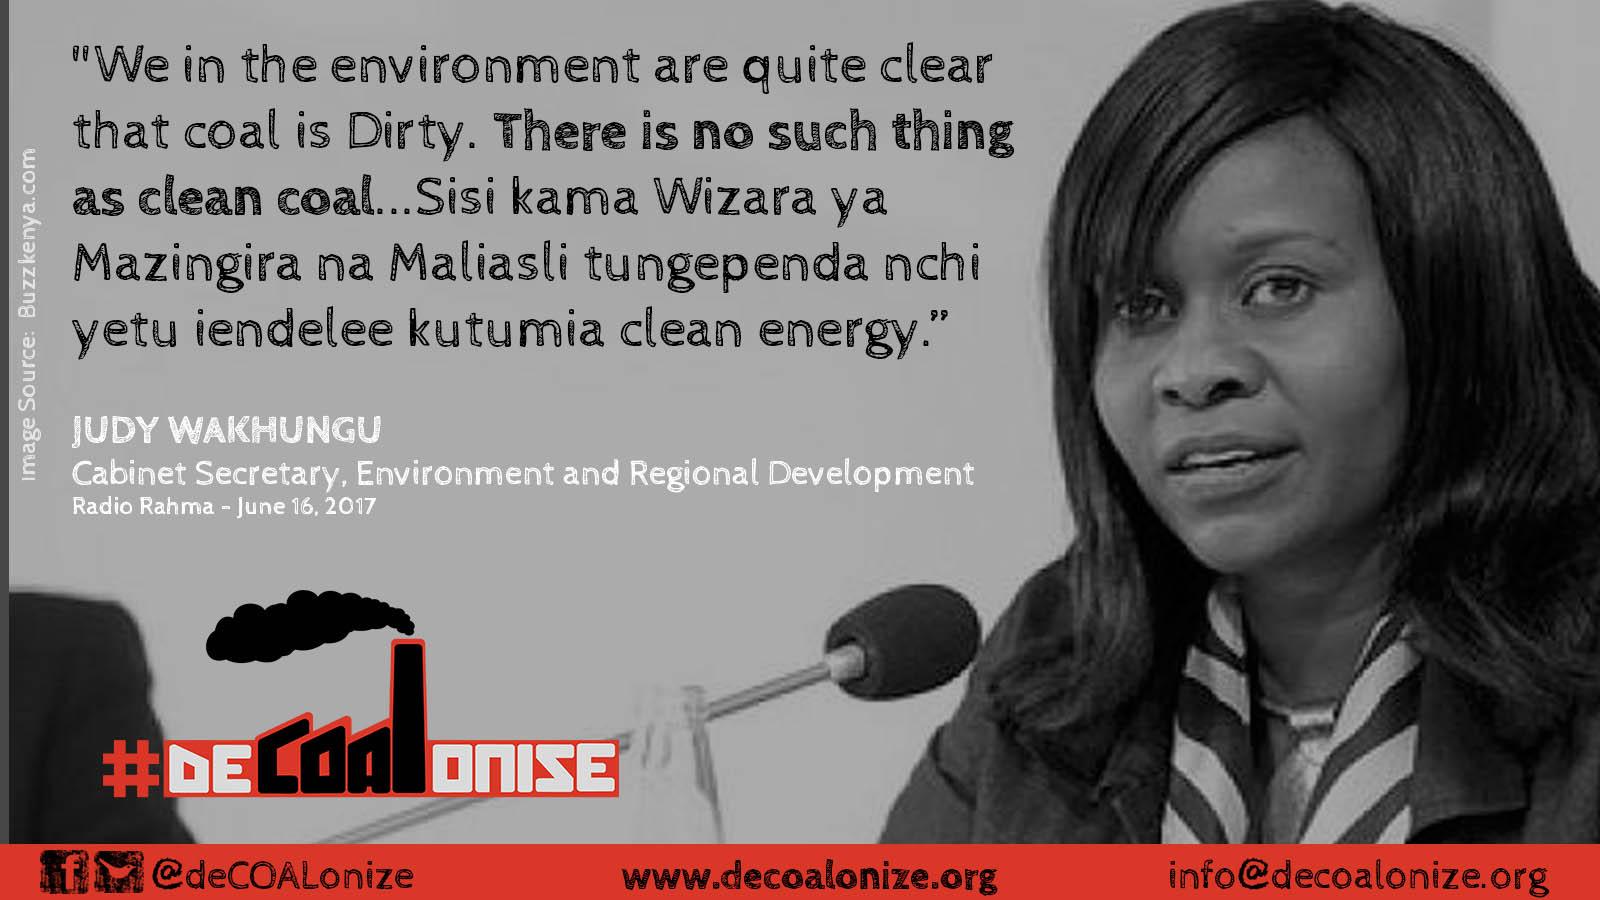 Judy Wakhungu on Clean Coal